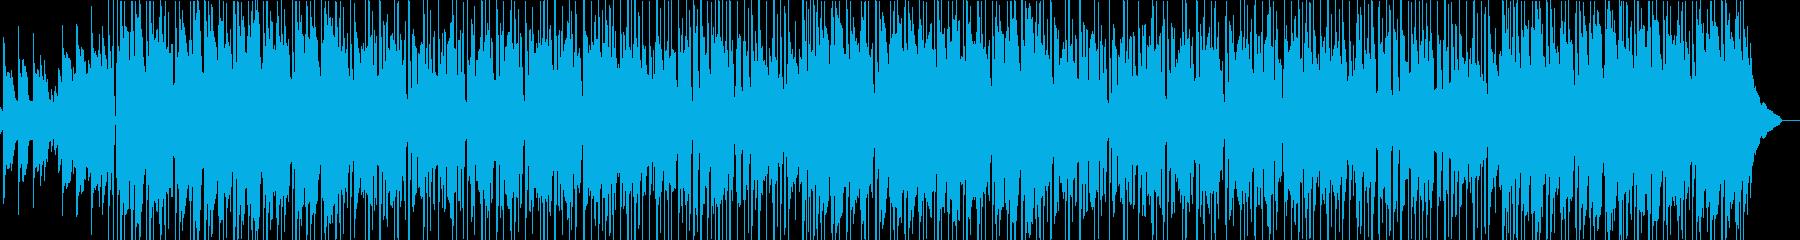 ゆったりとくつろげるアコギポップスの再生済みの波形